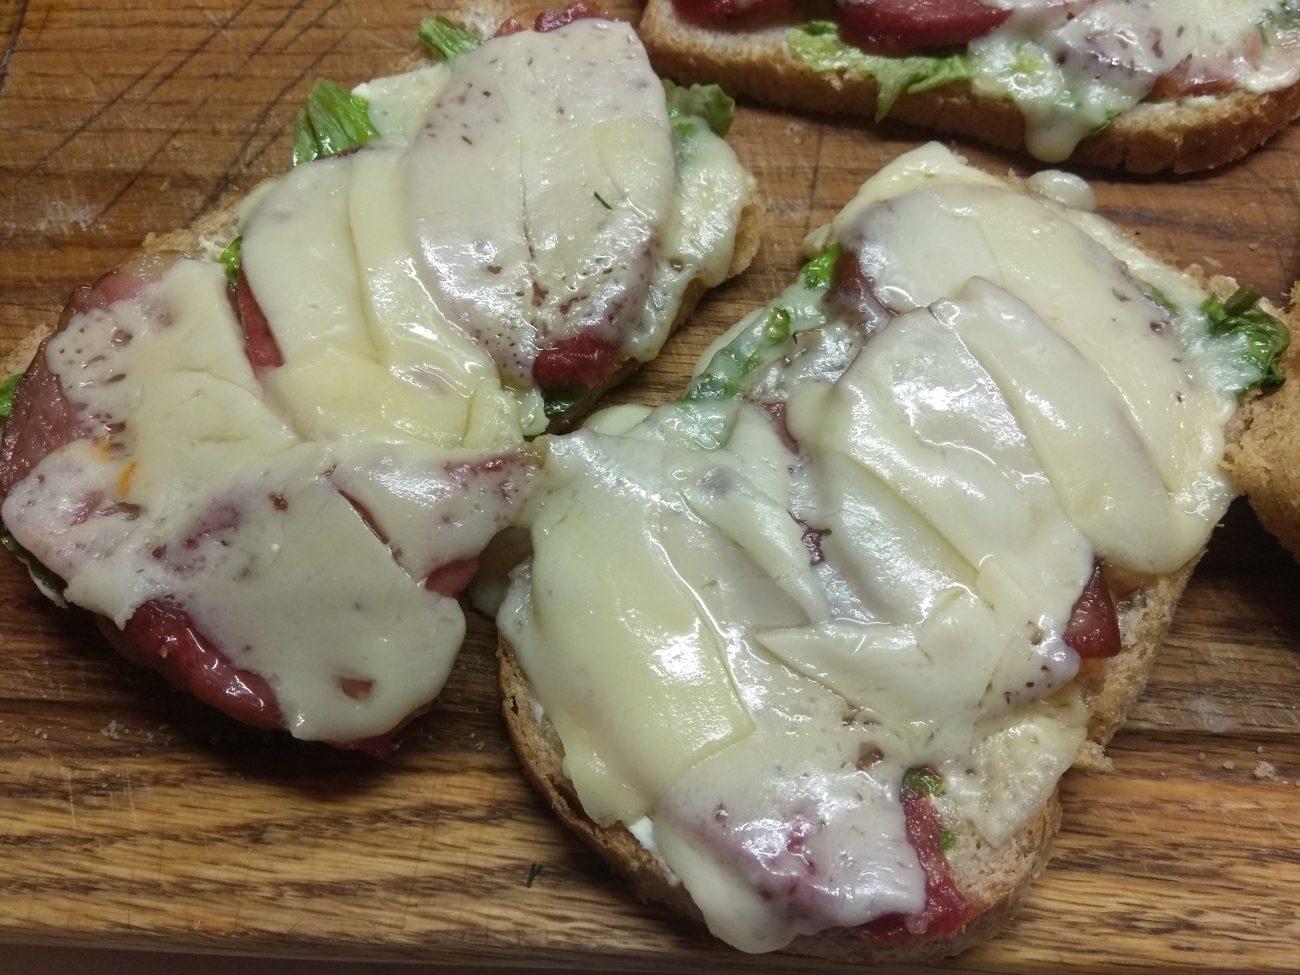 Горячие бутерброды с листьями салата и колбасным ассорти